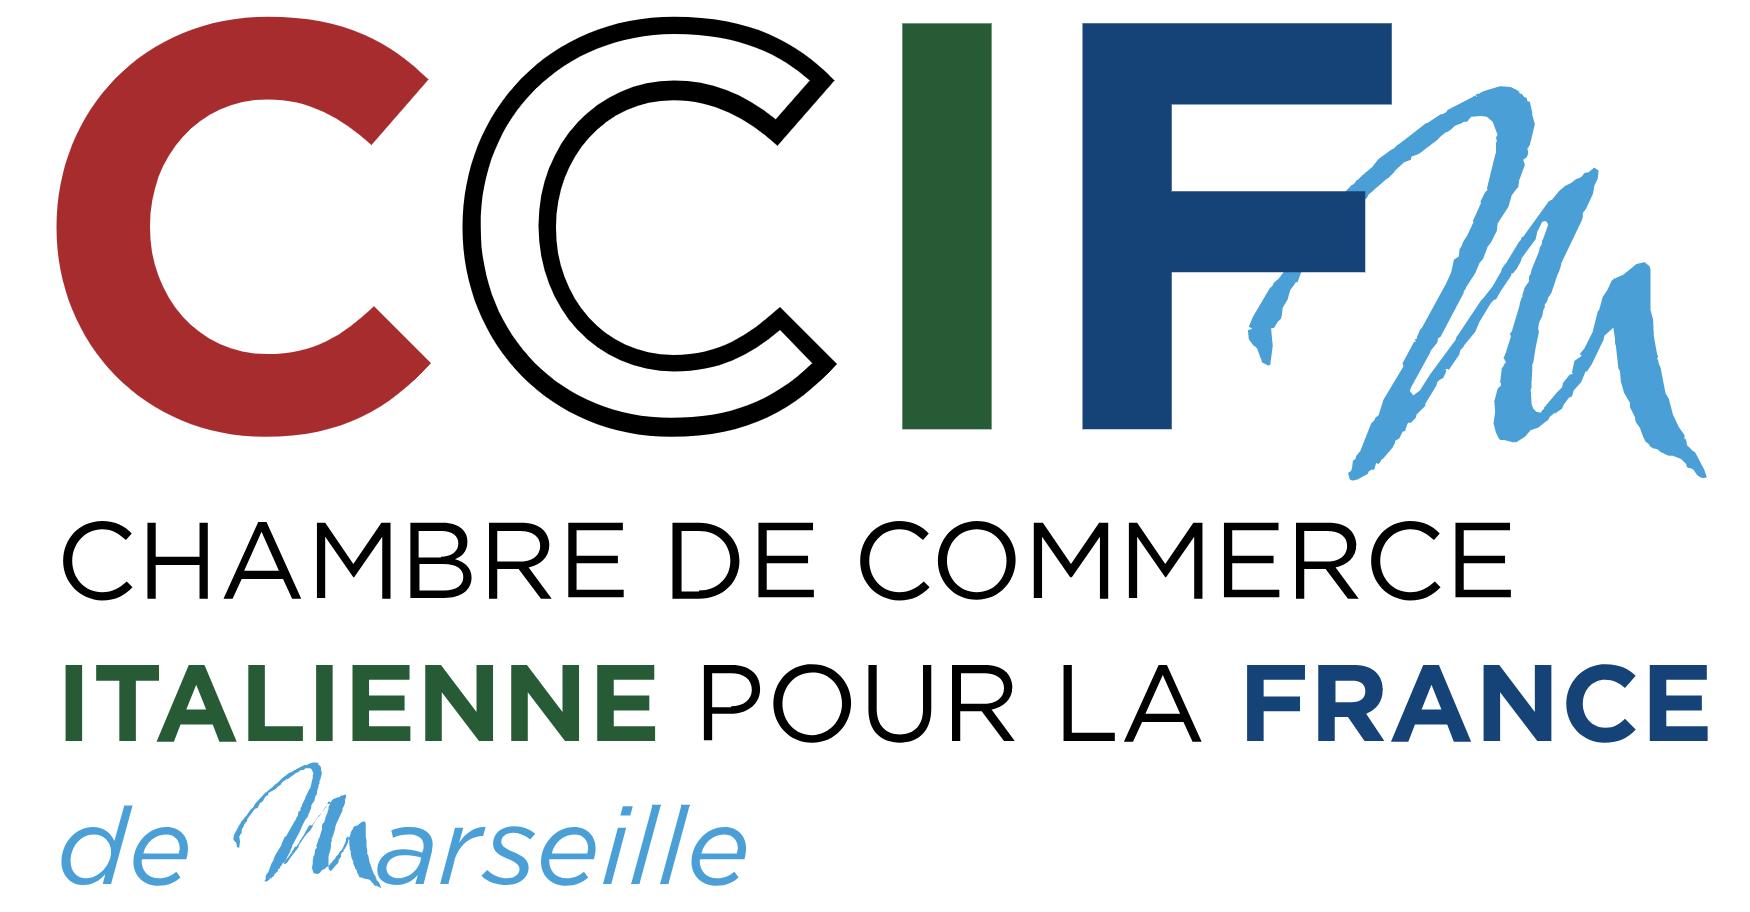 ccifm logo + slogan FR